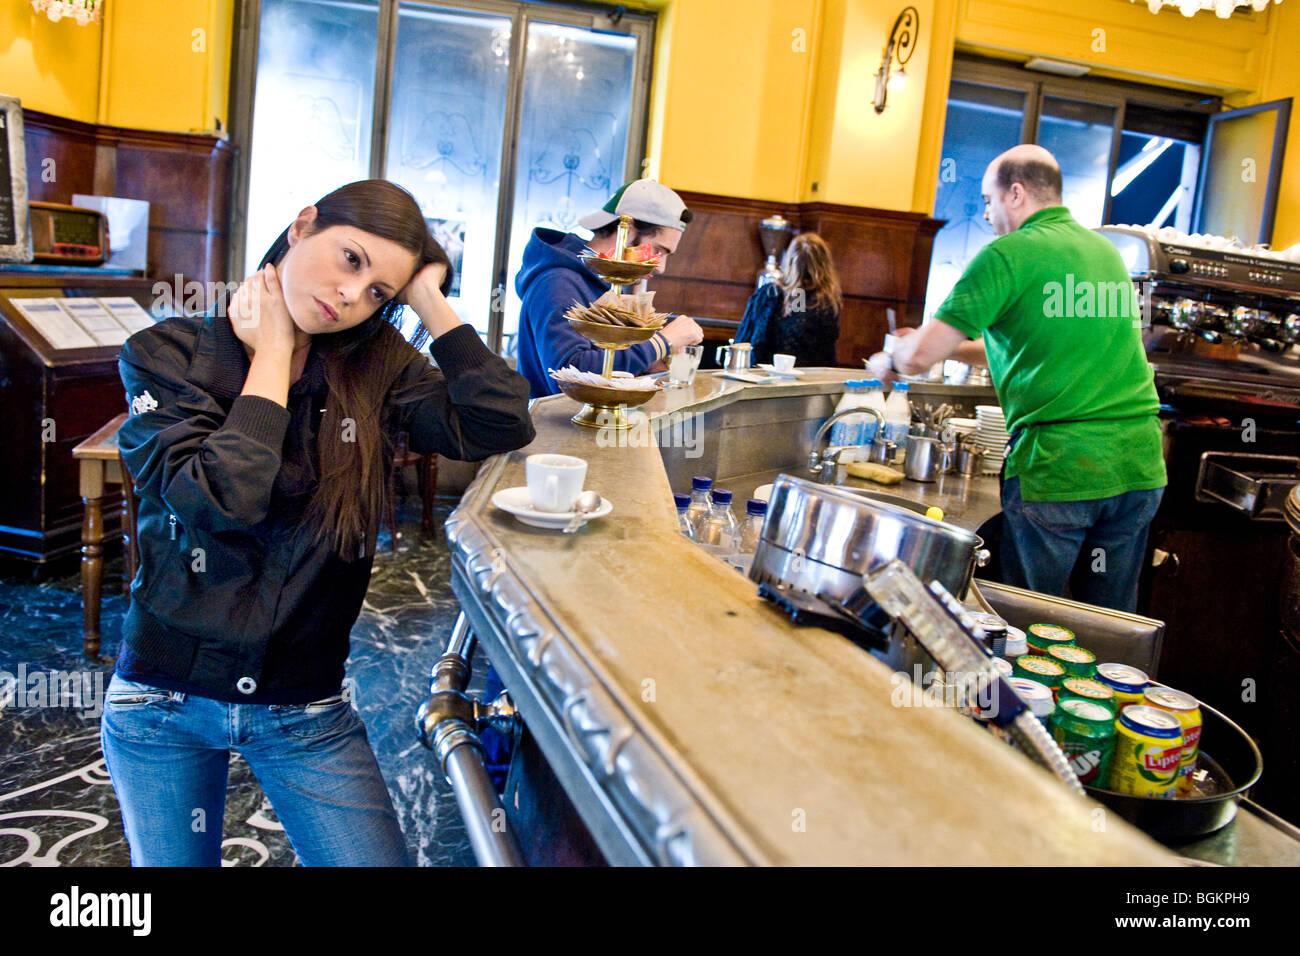 Young woman at bar, Milan, Italy - Stock Image